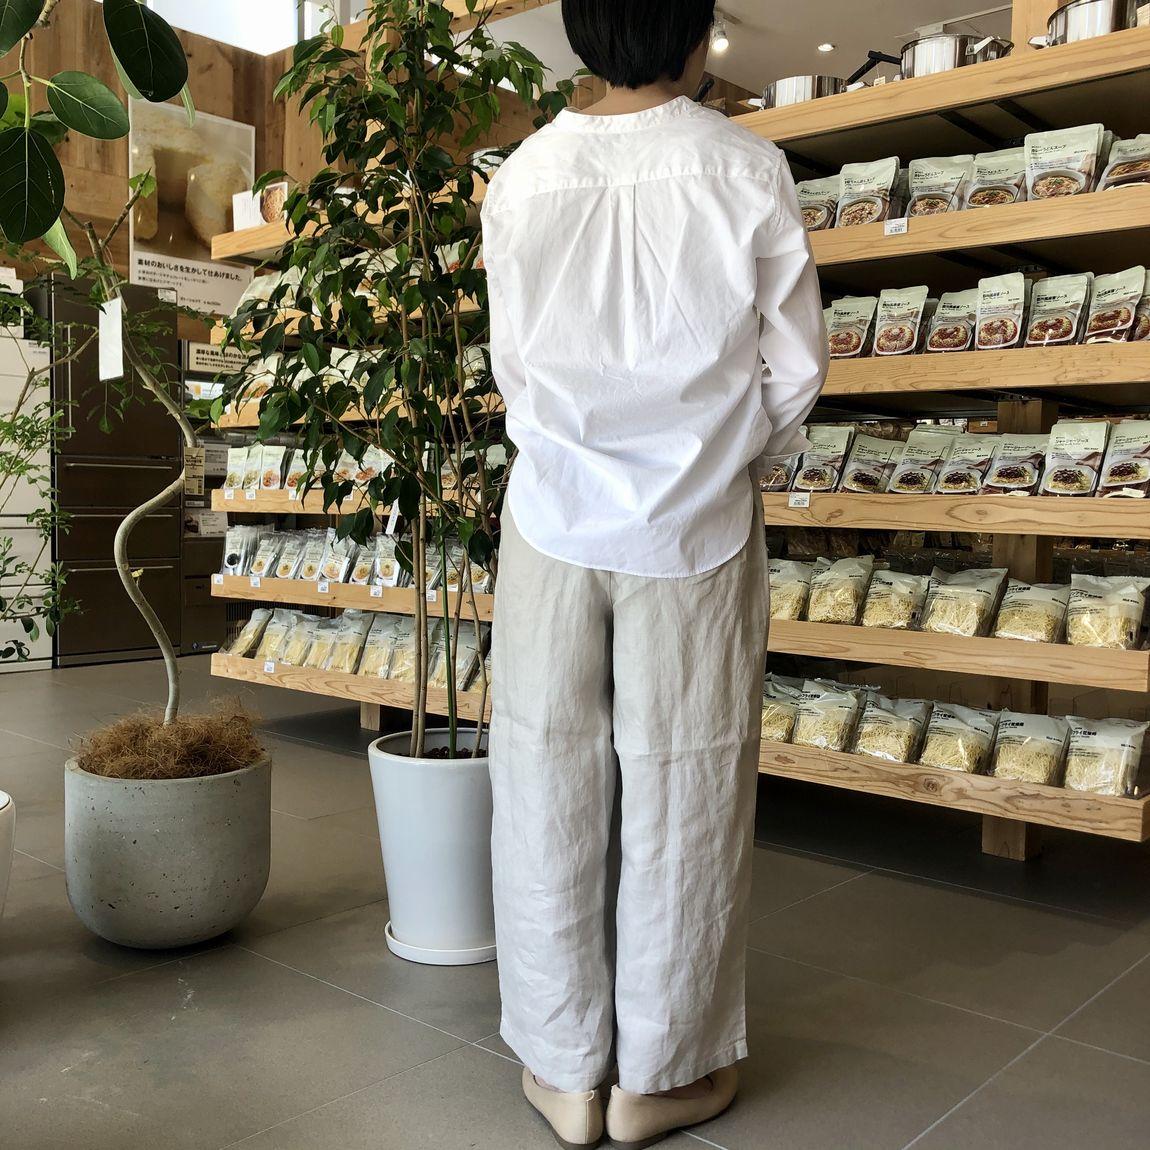 【アリオ倉敷】岡山・倉敷・福山からお届けする春シャツコーディネート